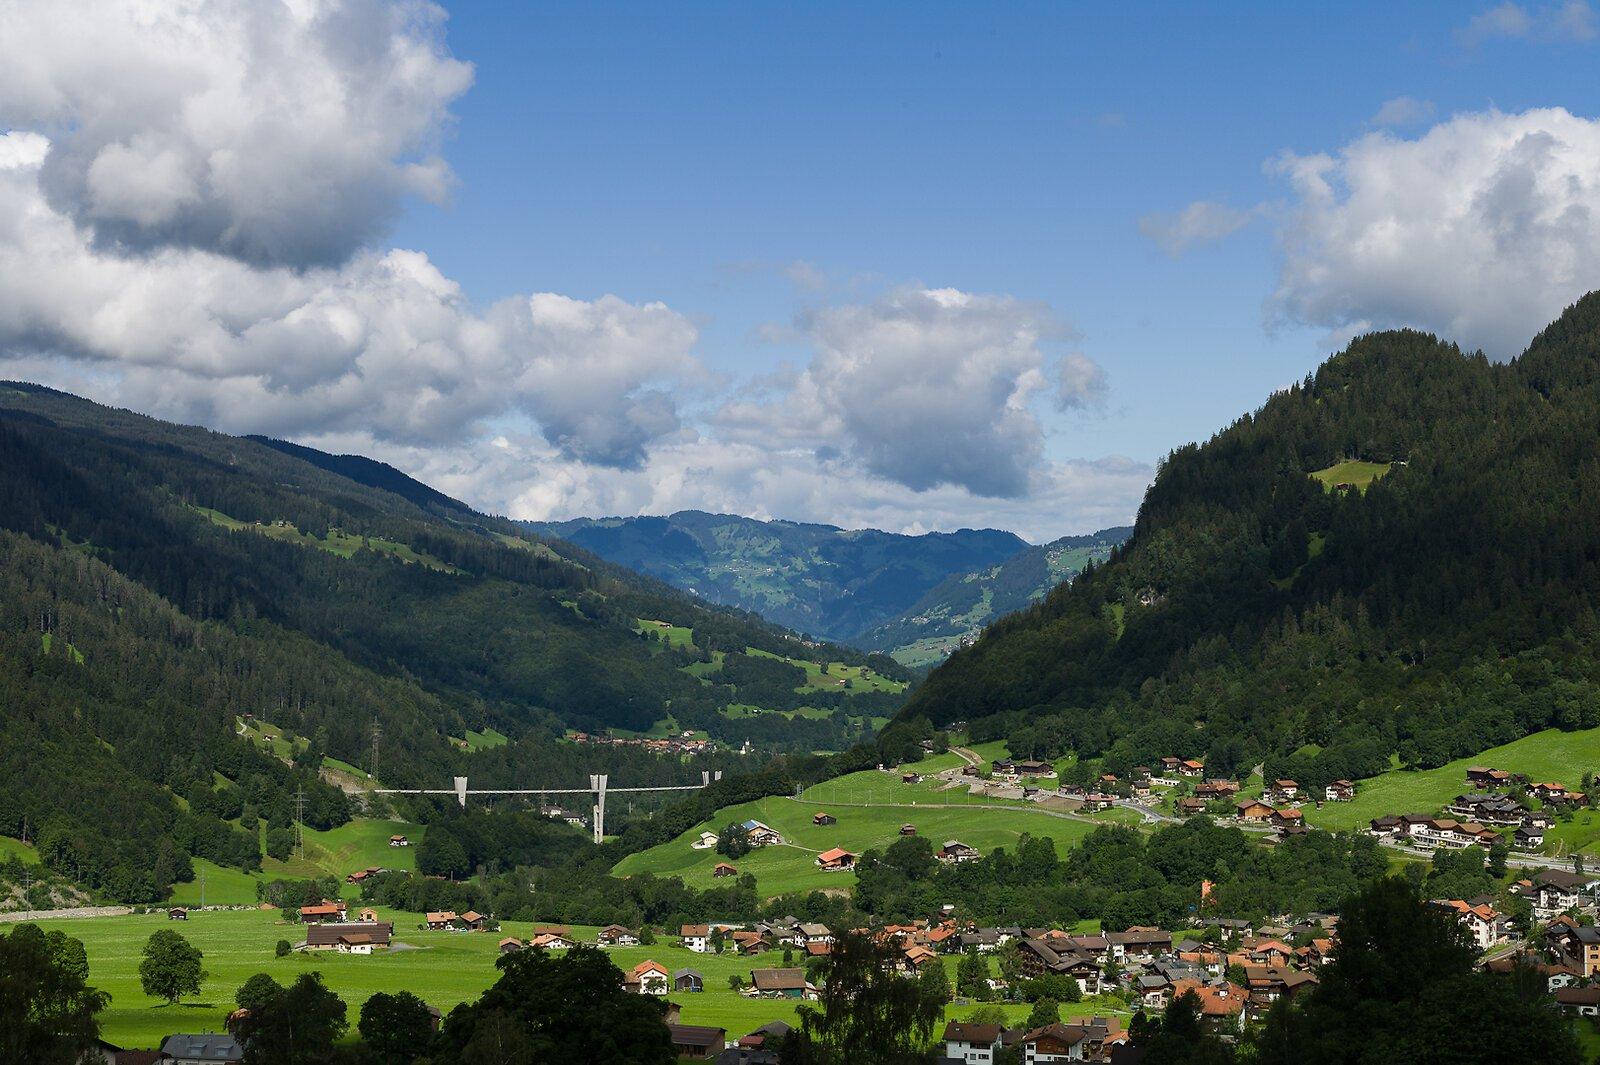 2012-Klosters_2012-07-16_10-38-24_00975.jpg